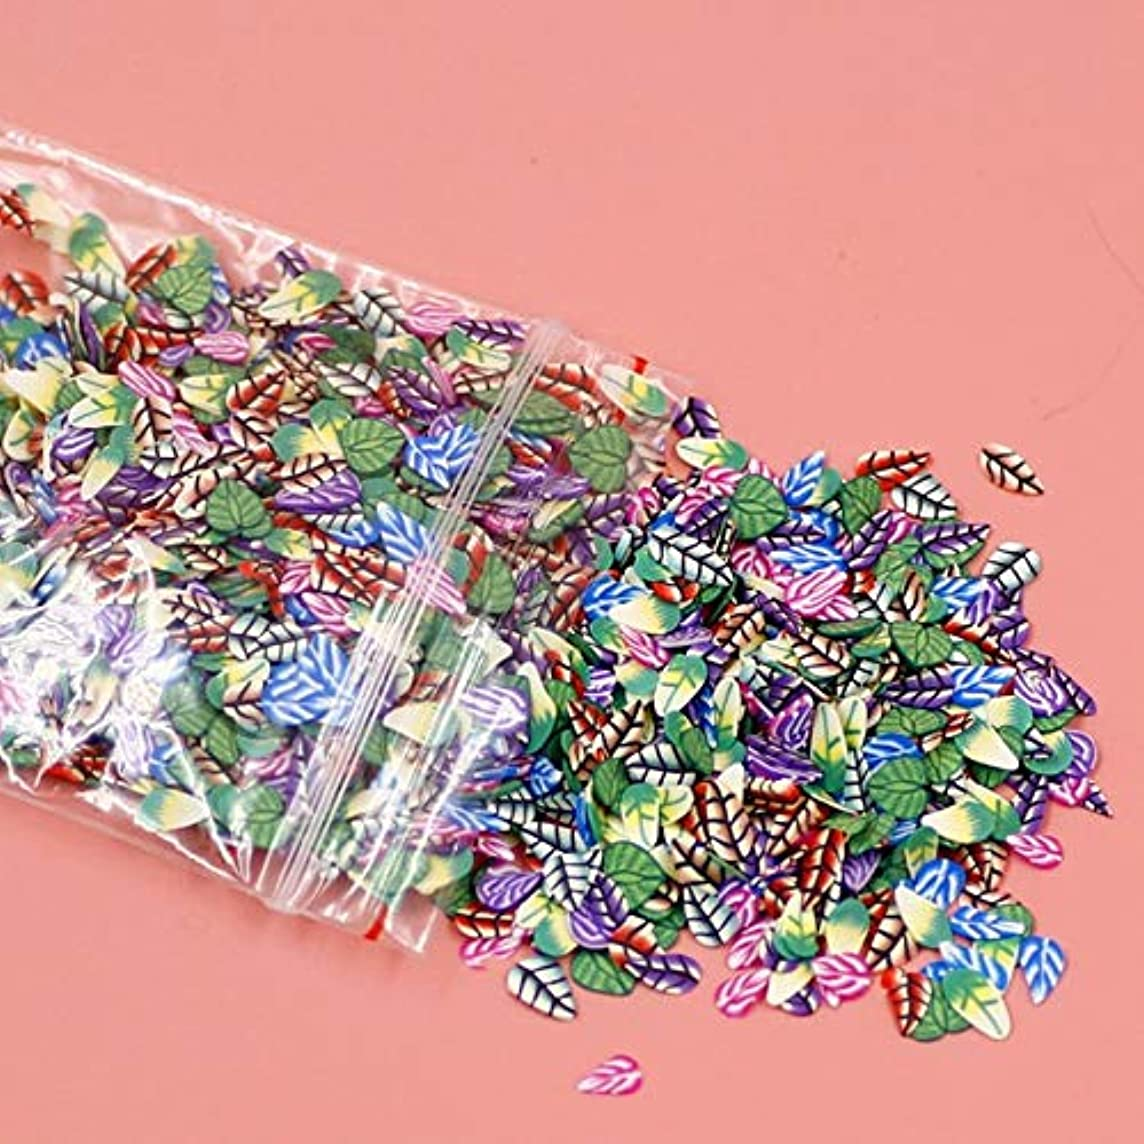 限定上回る涙が出るIntercorey 1000ピース/セット3dネイルアートステッカーフルーツスターネクタイ花ソフトセラミックdiyスライス小さな装飾装飾ネイルデカール